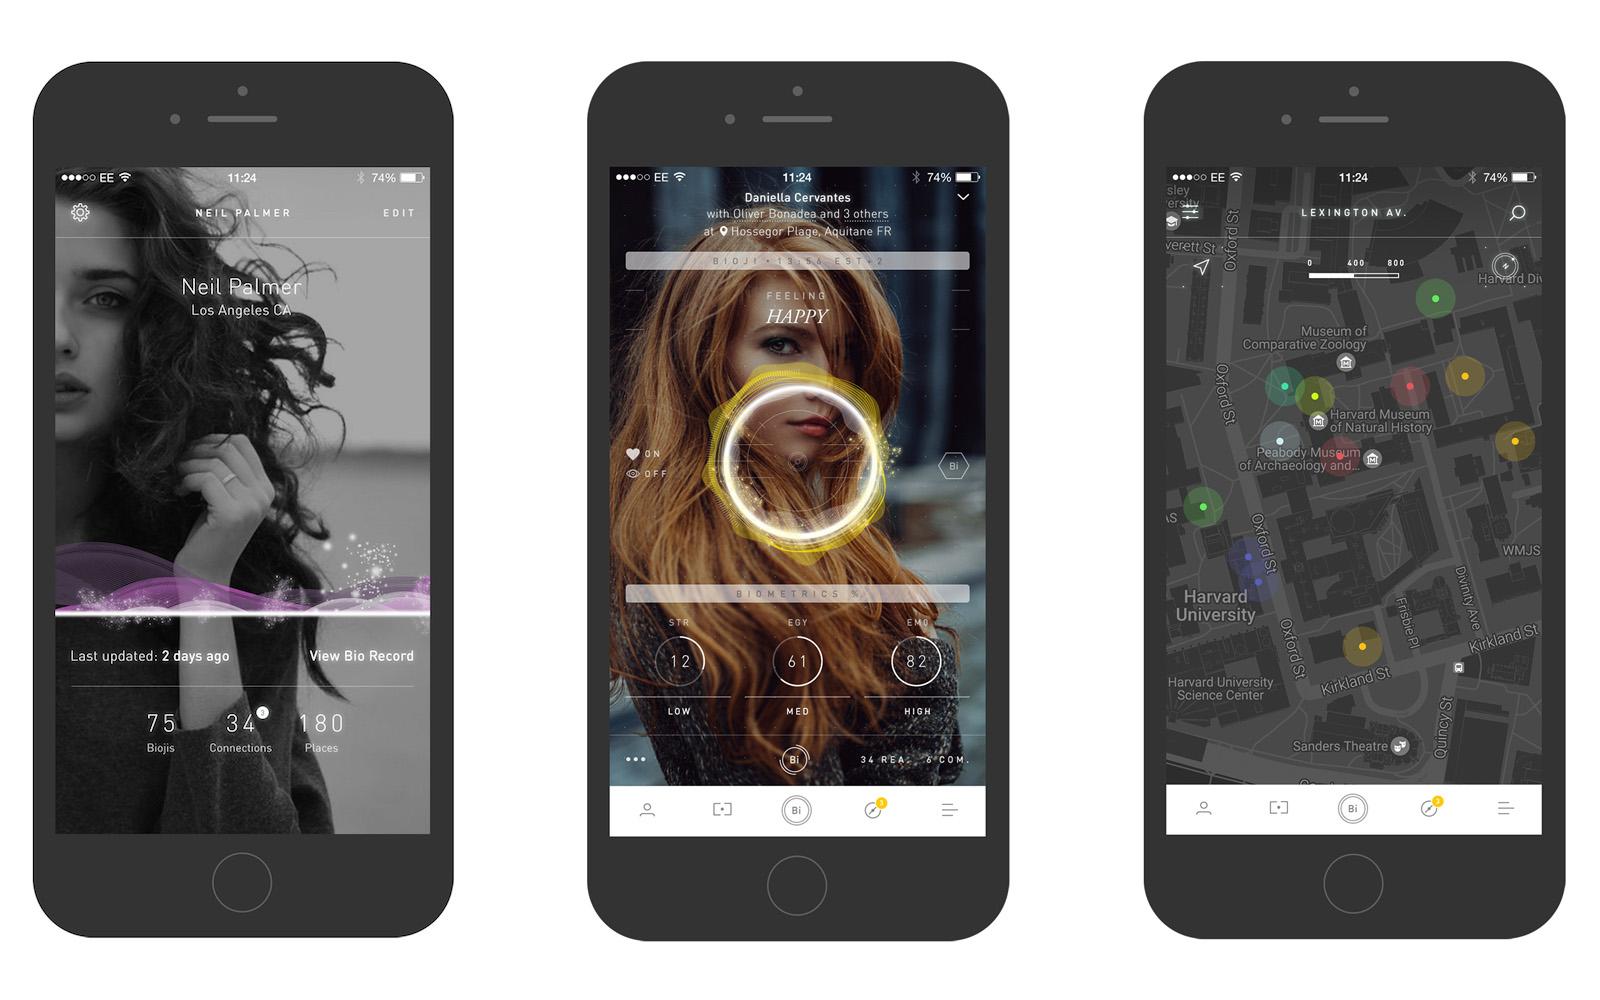 Aplikace BioSay dokáže měřit fyziologický stres pomocí chytrého telefonu